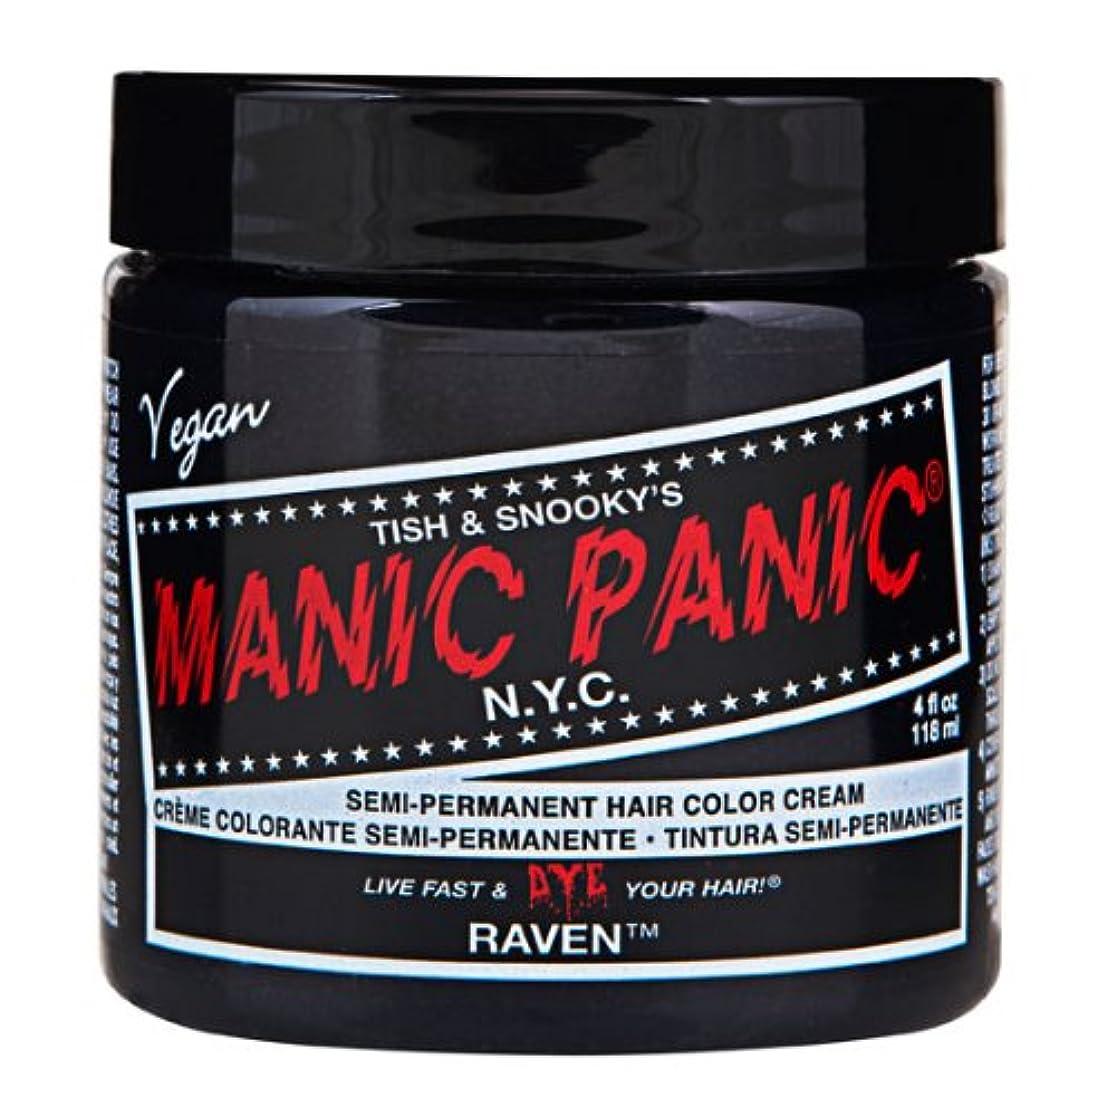 鳴り響くメトリックリスキーなスペシャルセットMANIC PANICマニックパニック:Raven (レイヴァン)+ヘアカラーケア4点セット